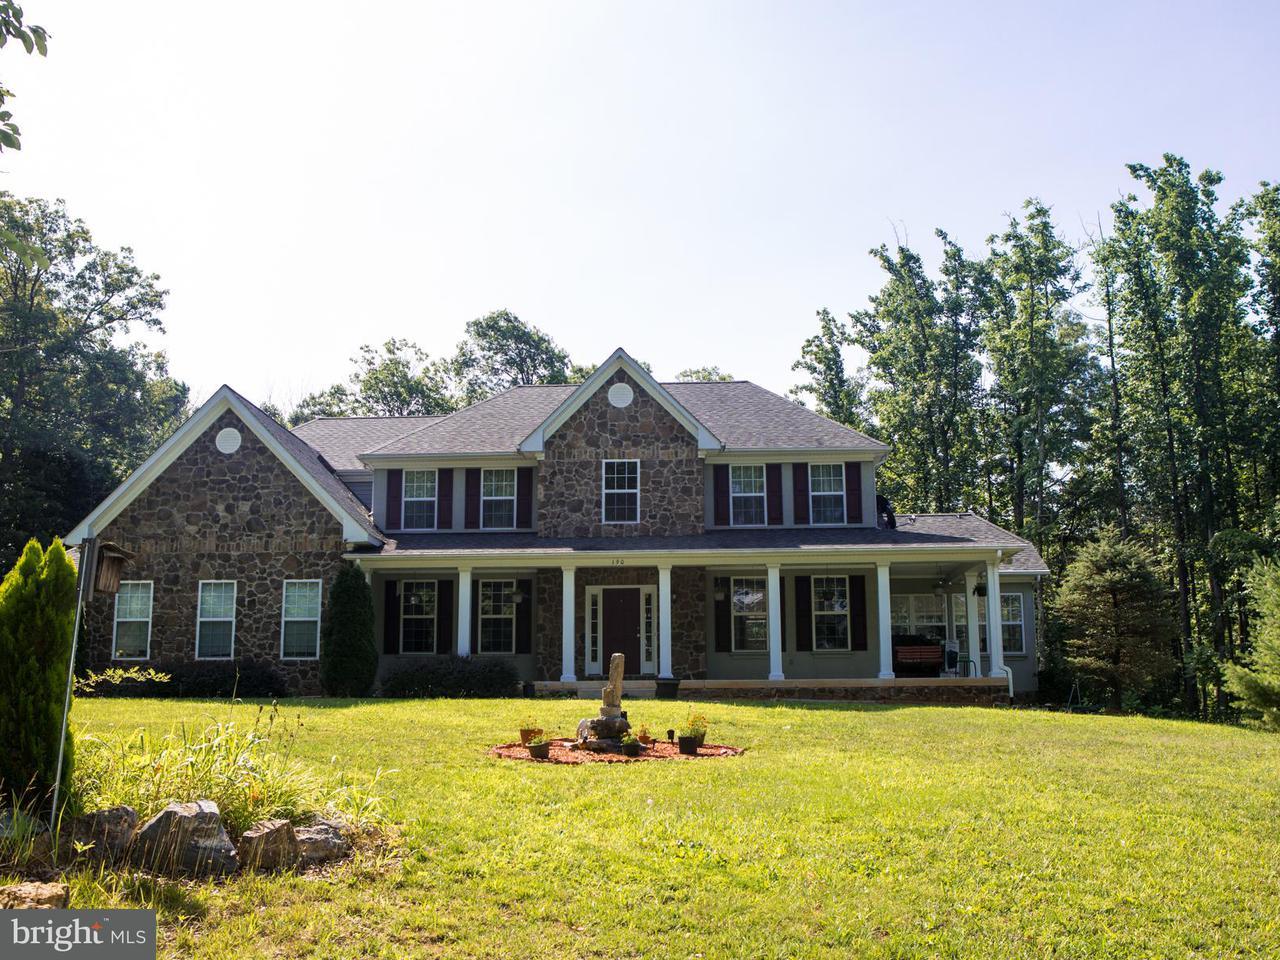 Частный односемейный дом для того Продажа на 190 NEWELL Drive 190 NEWELL Drive Middletown, Виргиния 22645 Соединенные Штаты